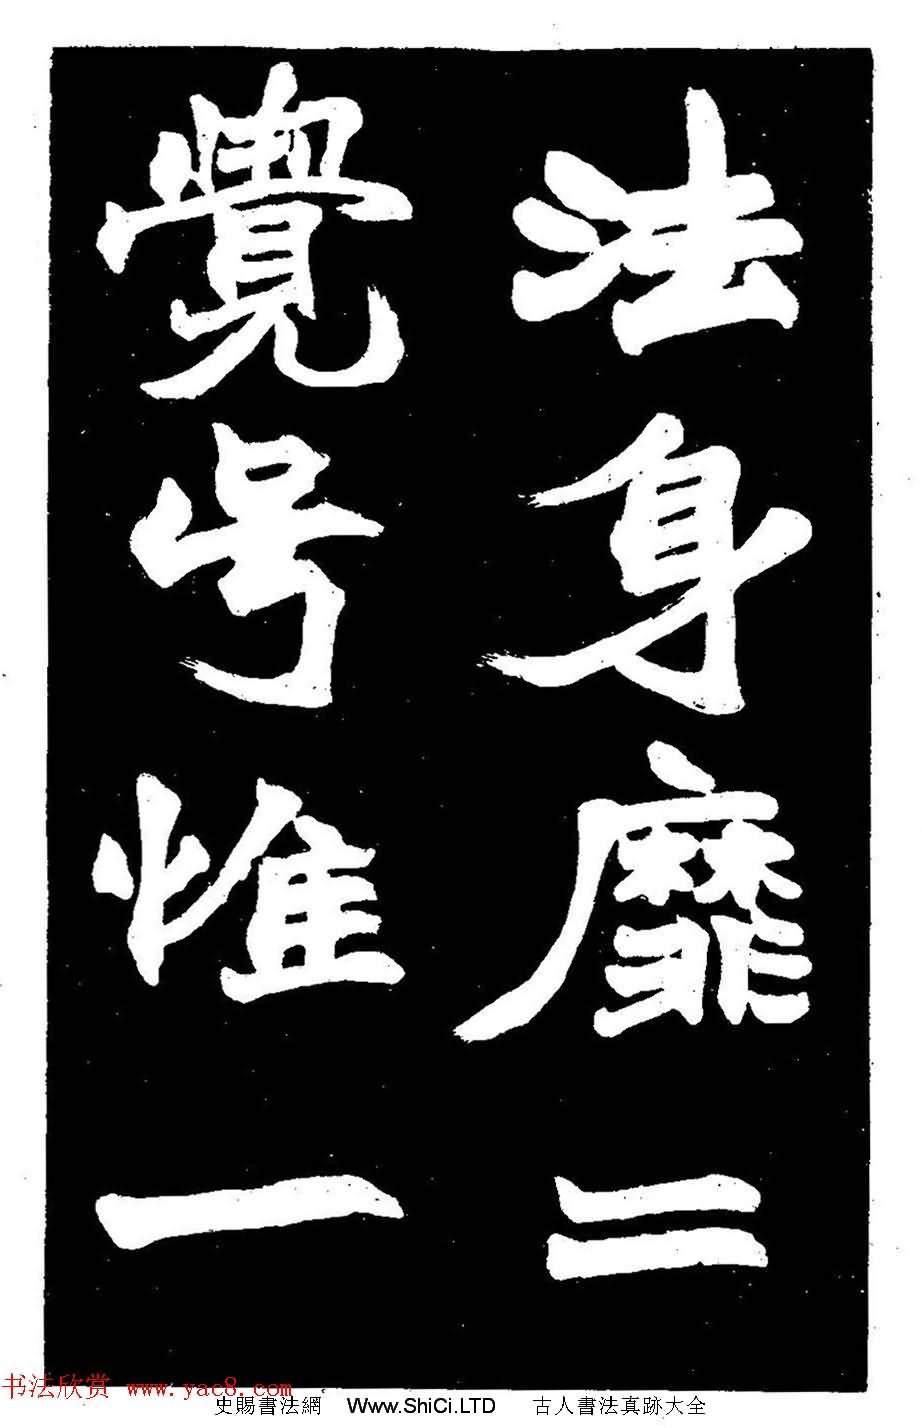 趙之謙大字書法字帖《剡山石城寺石像碑》(共17張圖片)